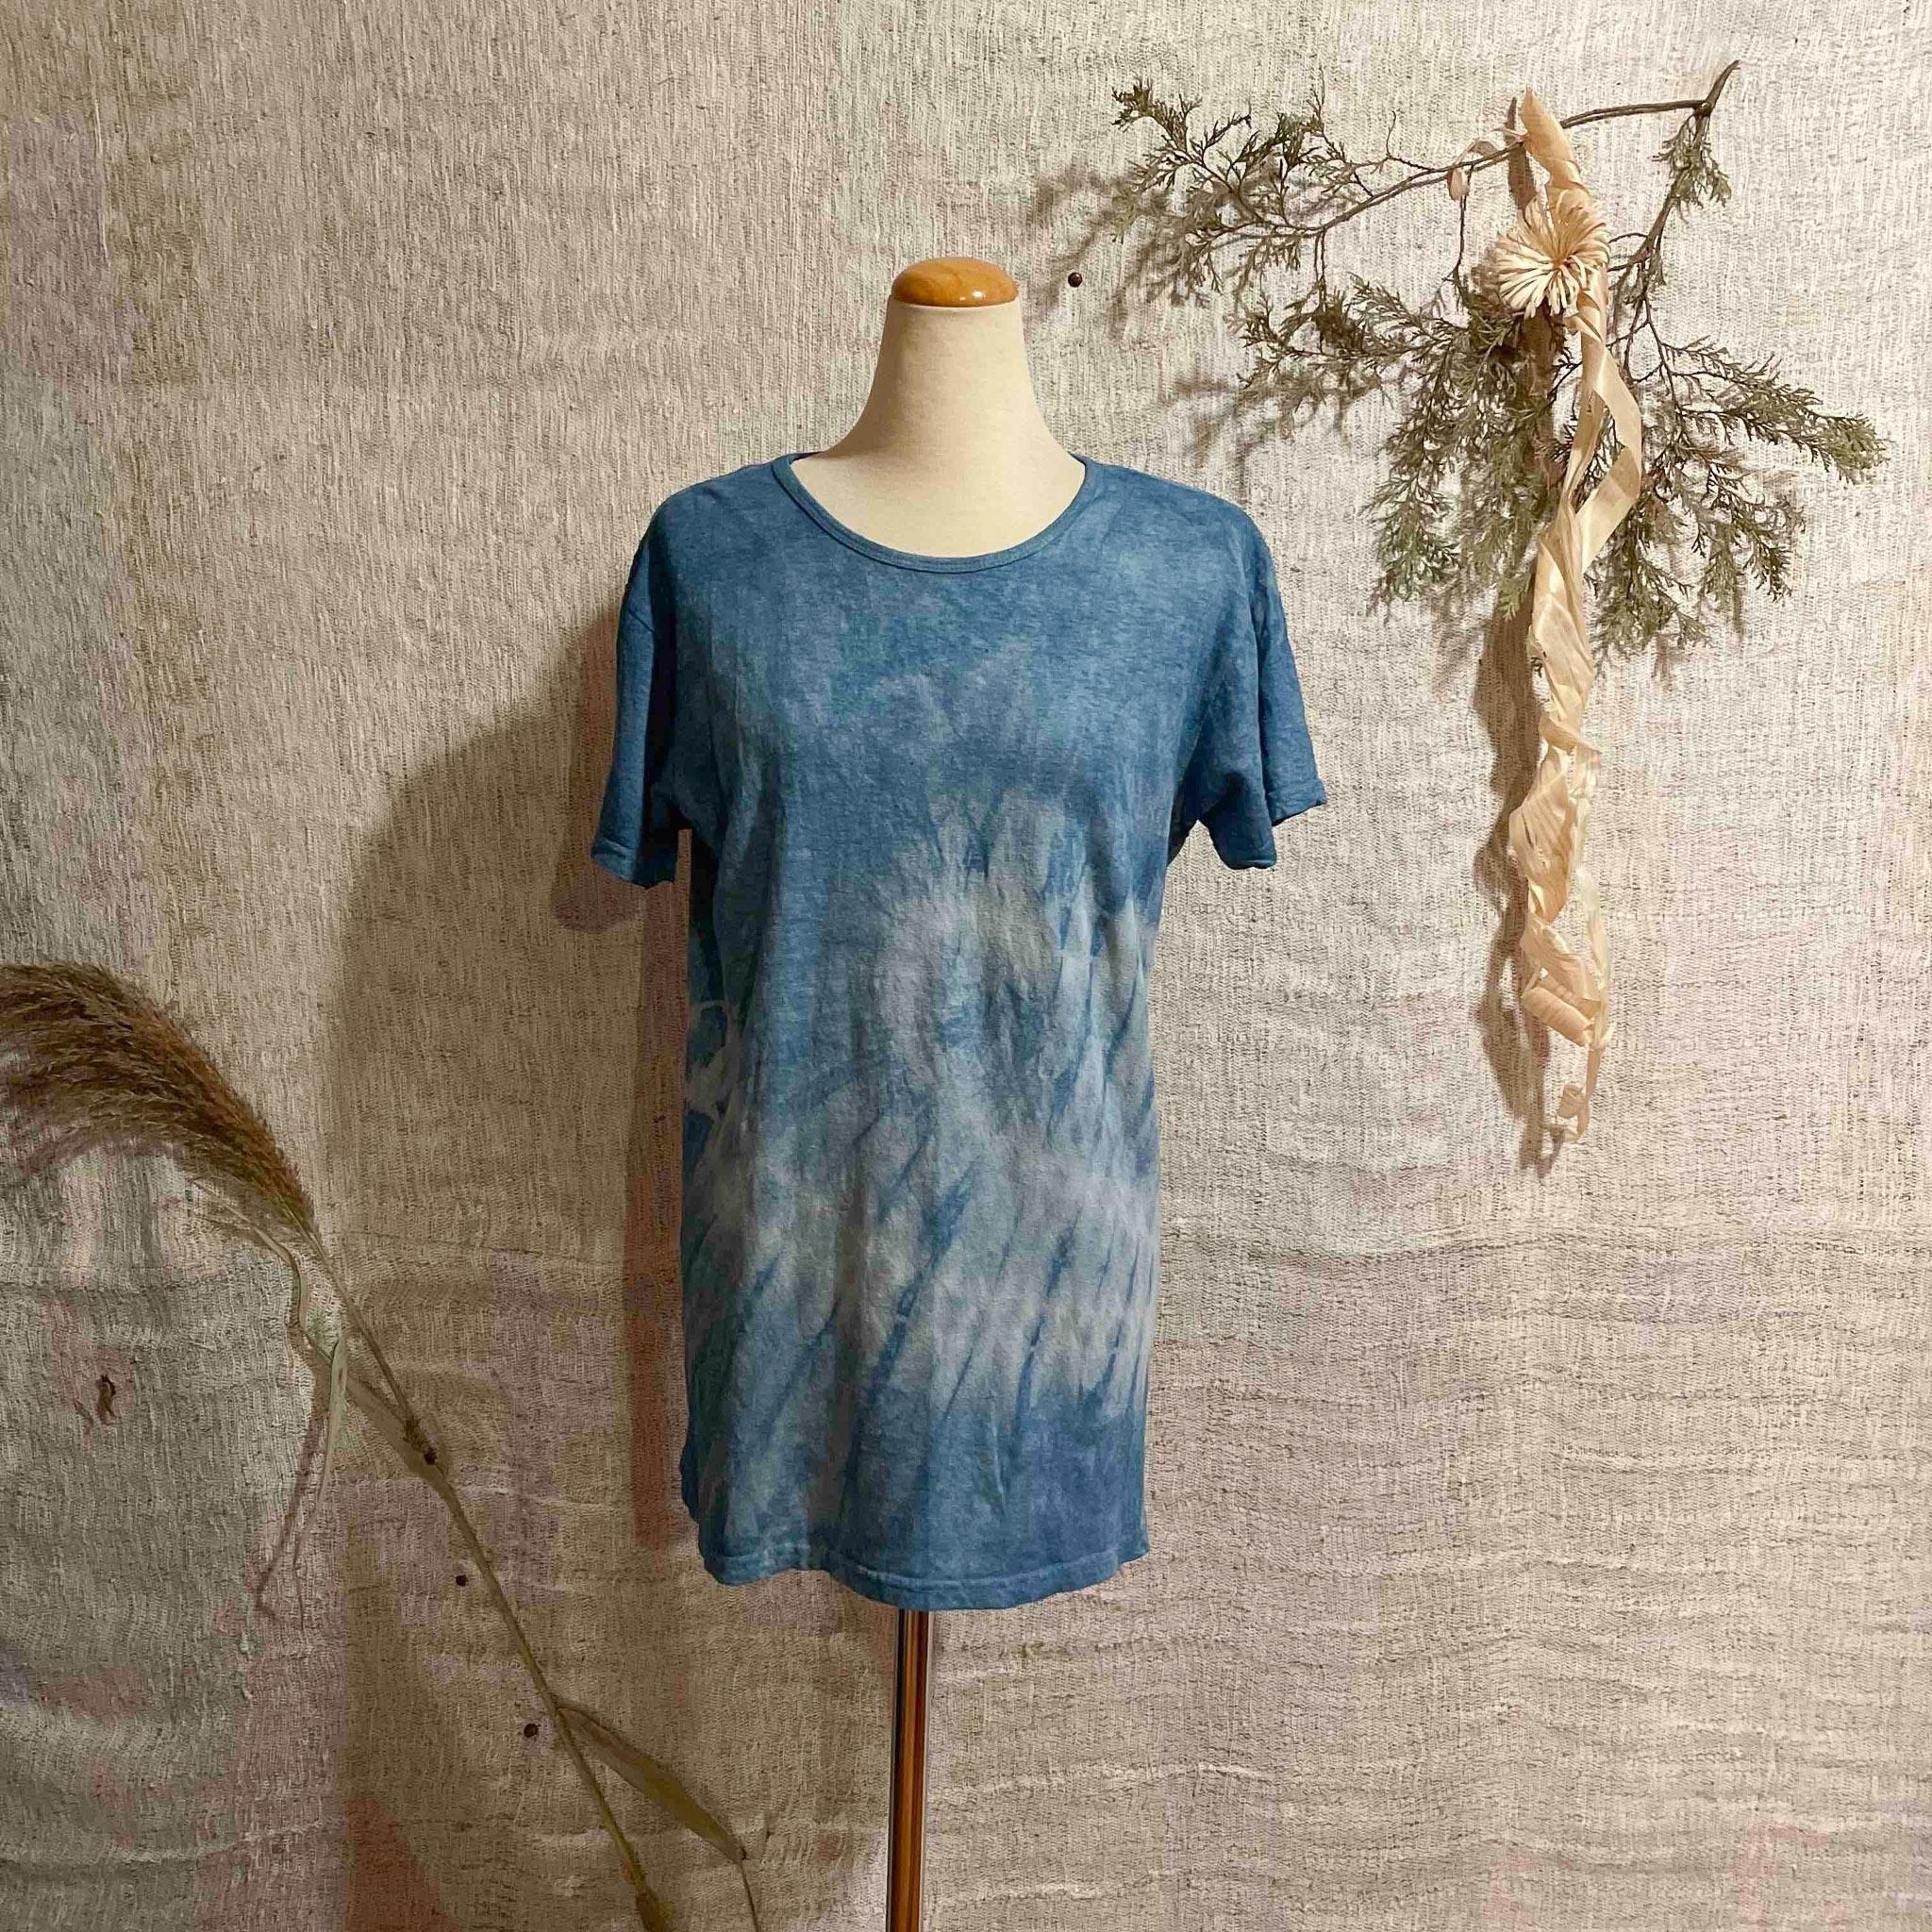 【天然素材・草木染め】Tシャツ ヘンプコットン 藍染Sサイズ